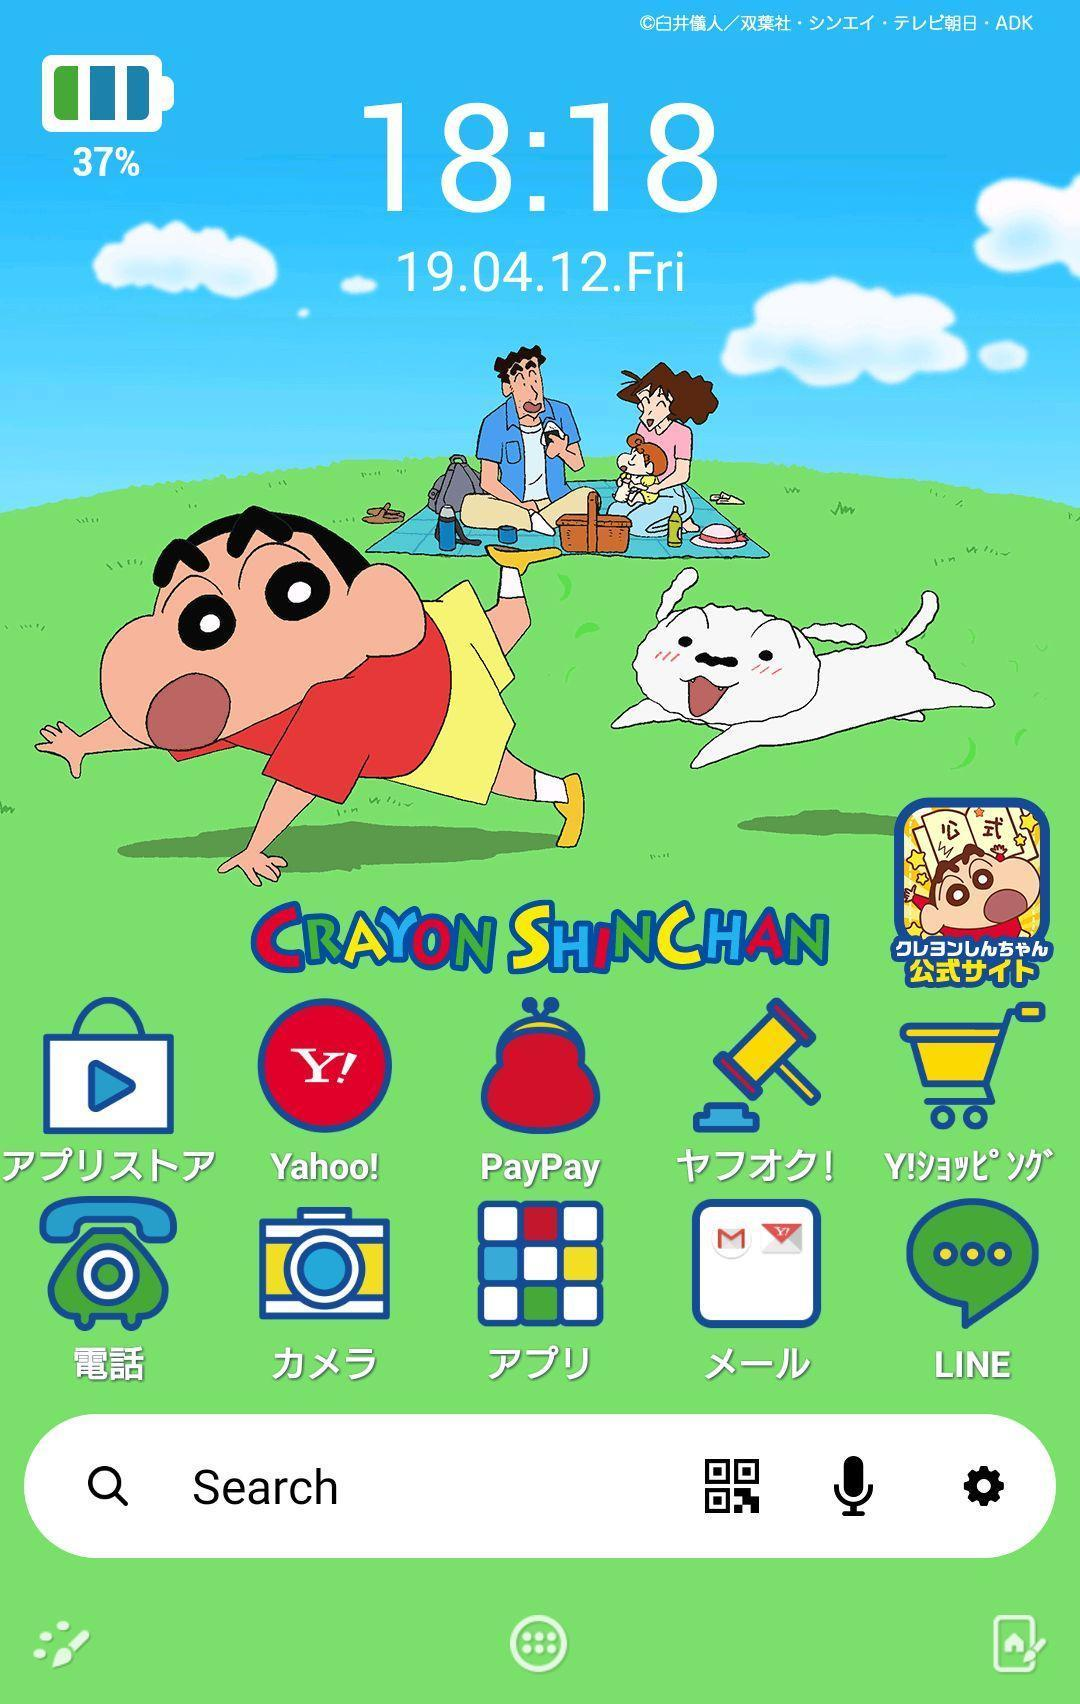 クレヨンしんちゃん 壁紙きせかえ Cho Android Tải Về Apk